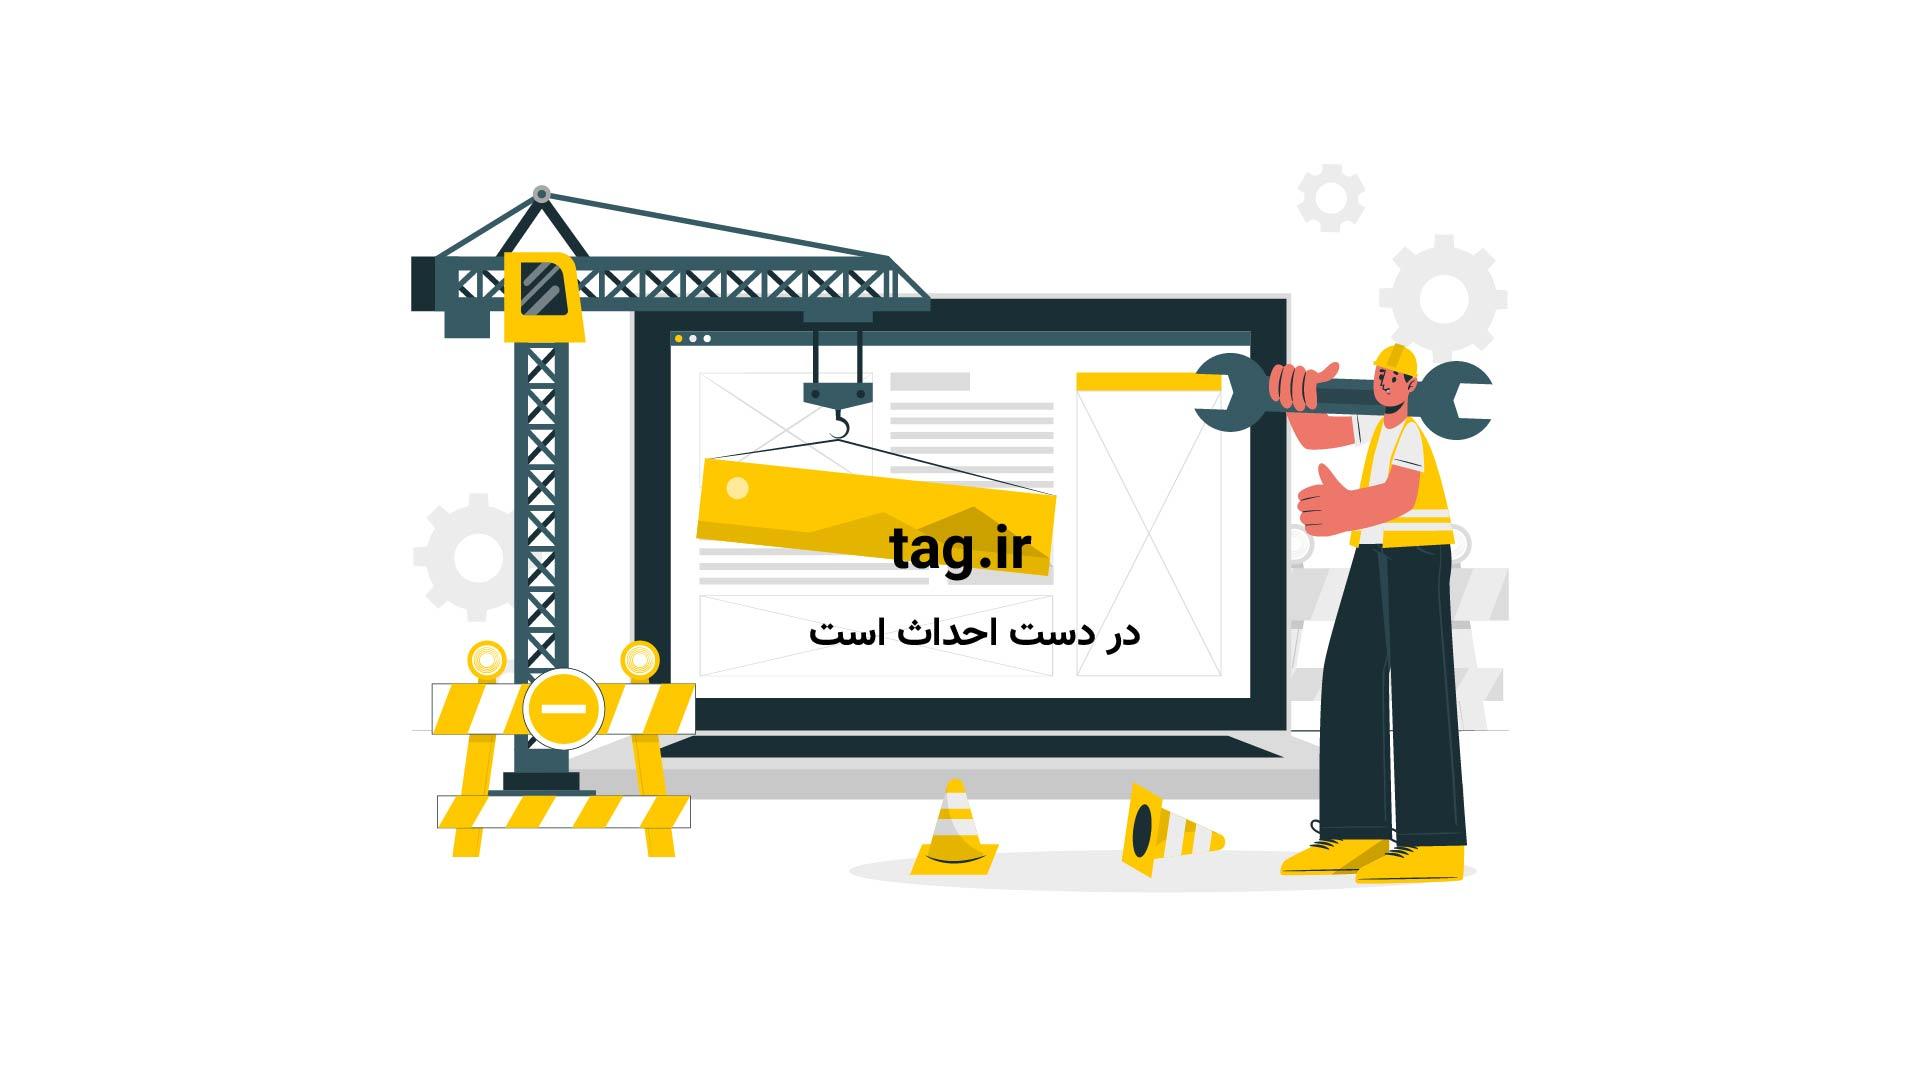 انفجار تروریستی کلمبیا | تگ